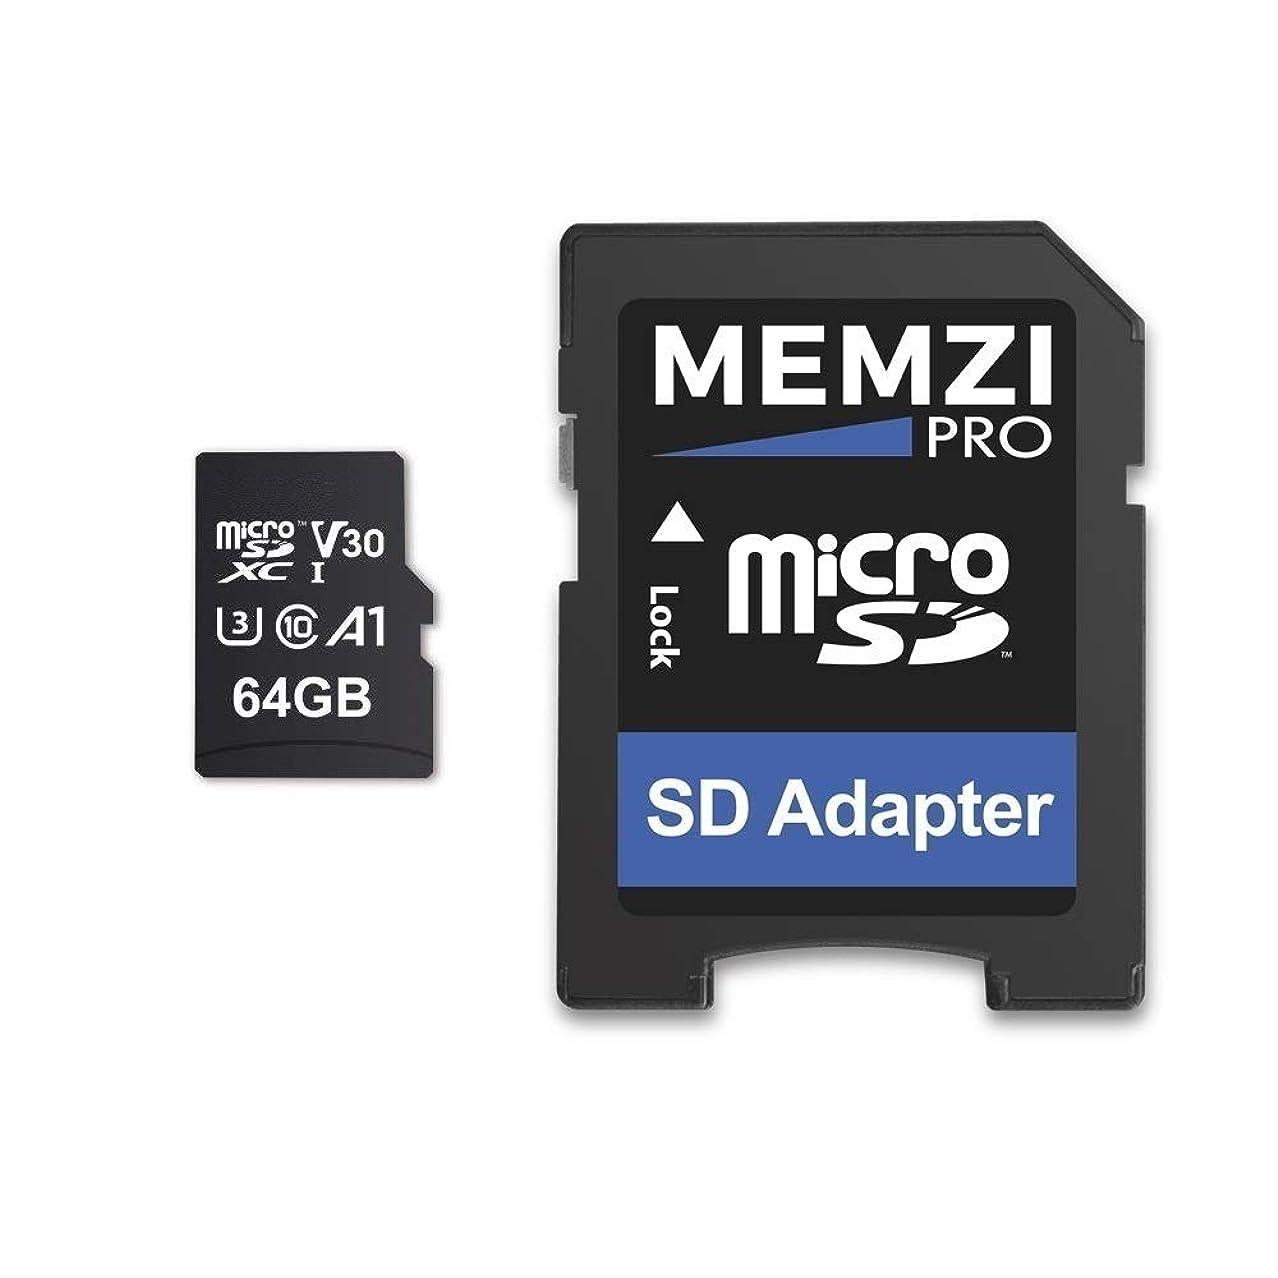 行動商品フラフープMEMZI PRO 64GB 100MB/s Class 10 U3 V30 Micro SDXC メモリーカード SDアダプター付き Sony Xperia 1/10/10 Plus XZ3/XZ2/XZ1/XZ/X Premium/Compact XZs/XZ XA2/XA1/XA Plus/Ultra L3/L2/L1携帯電話用